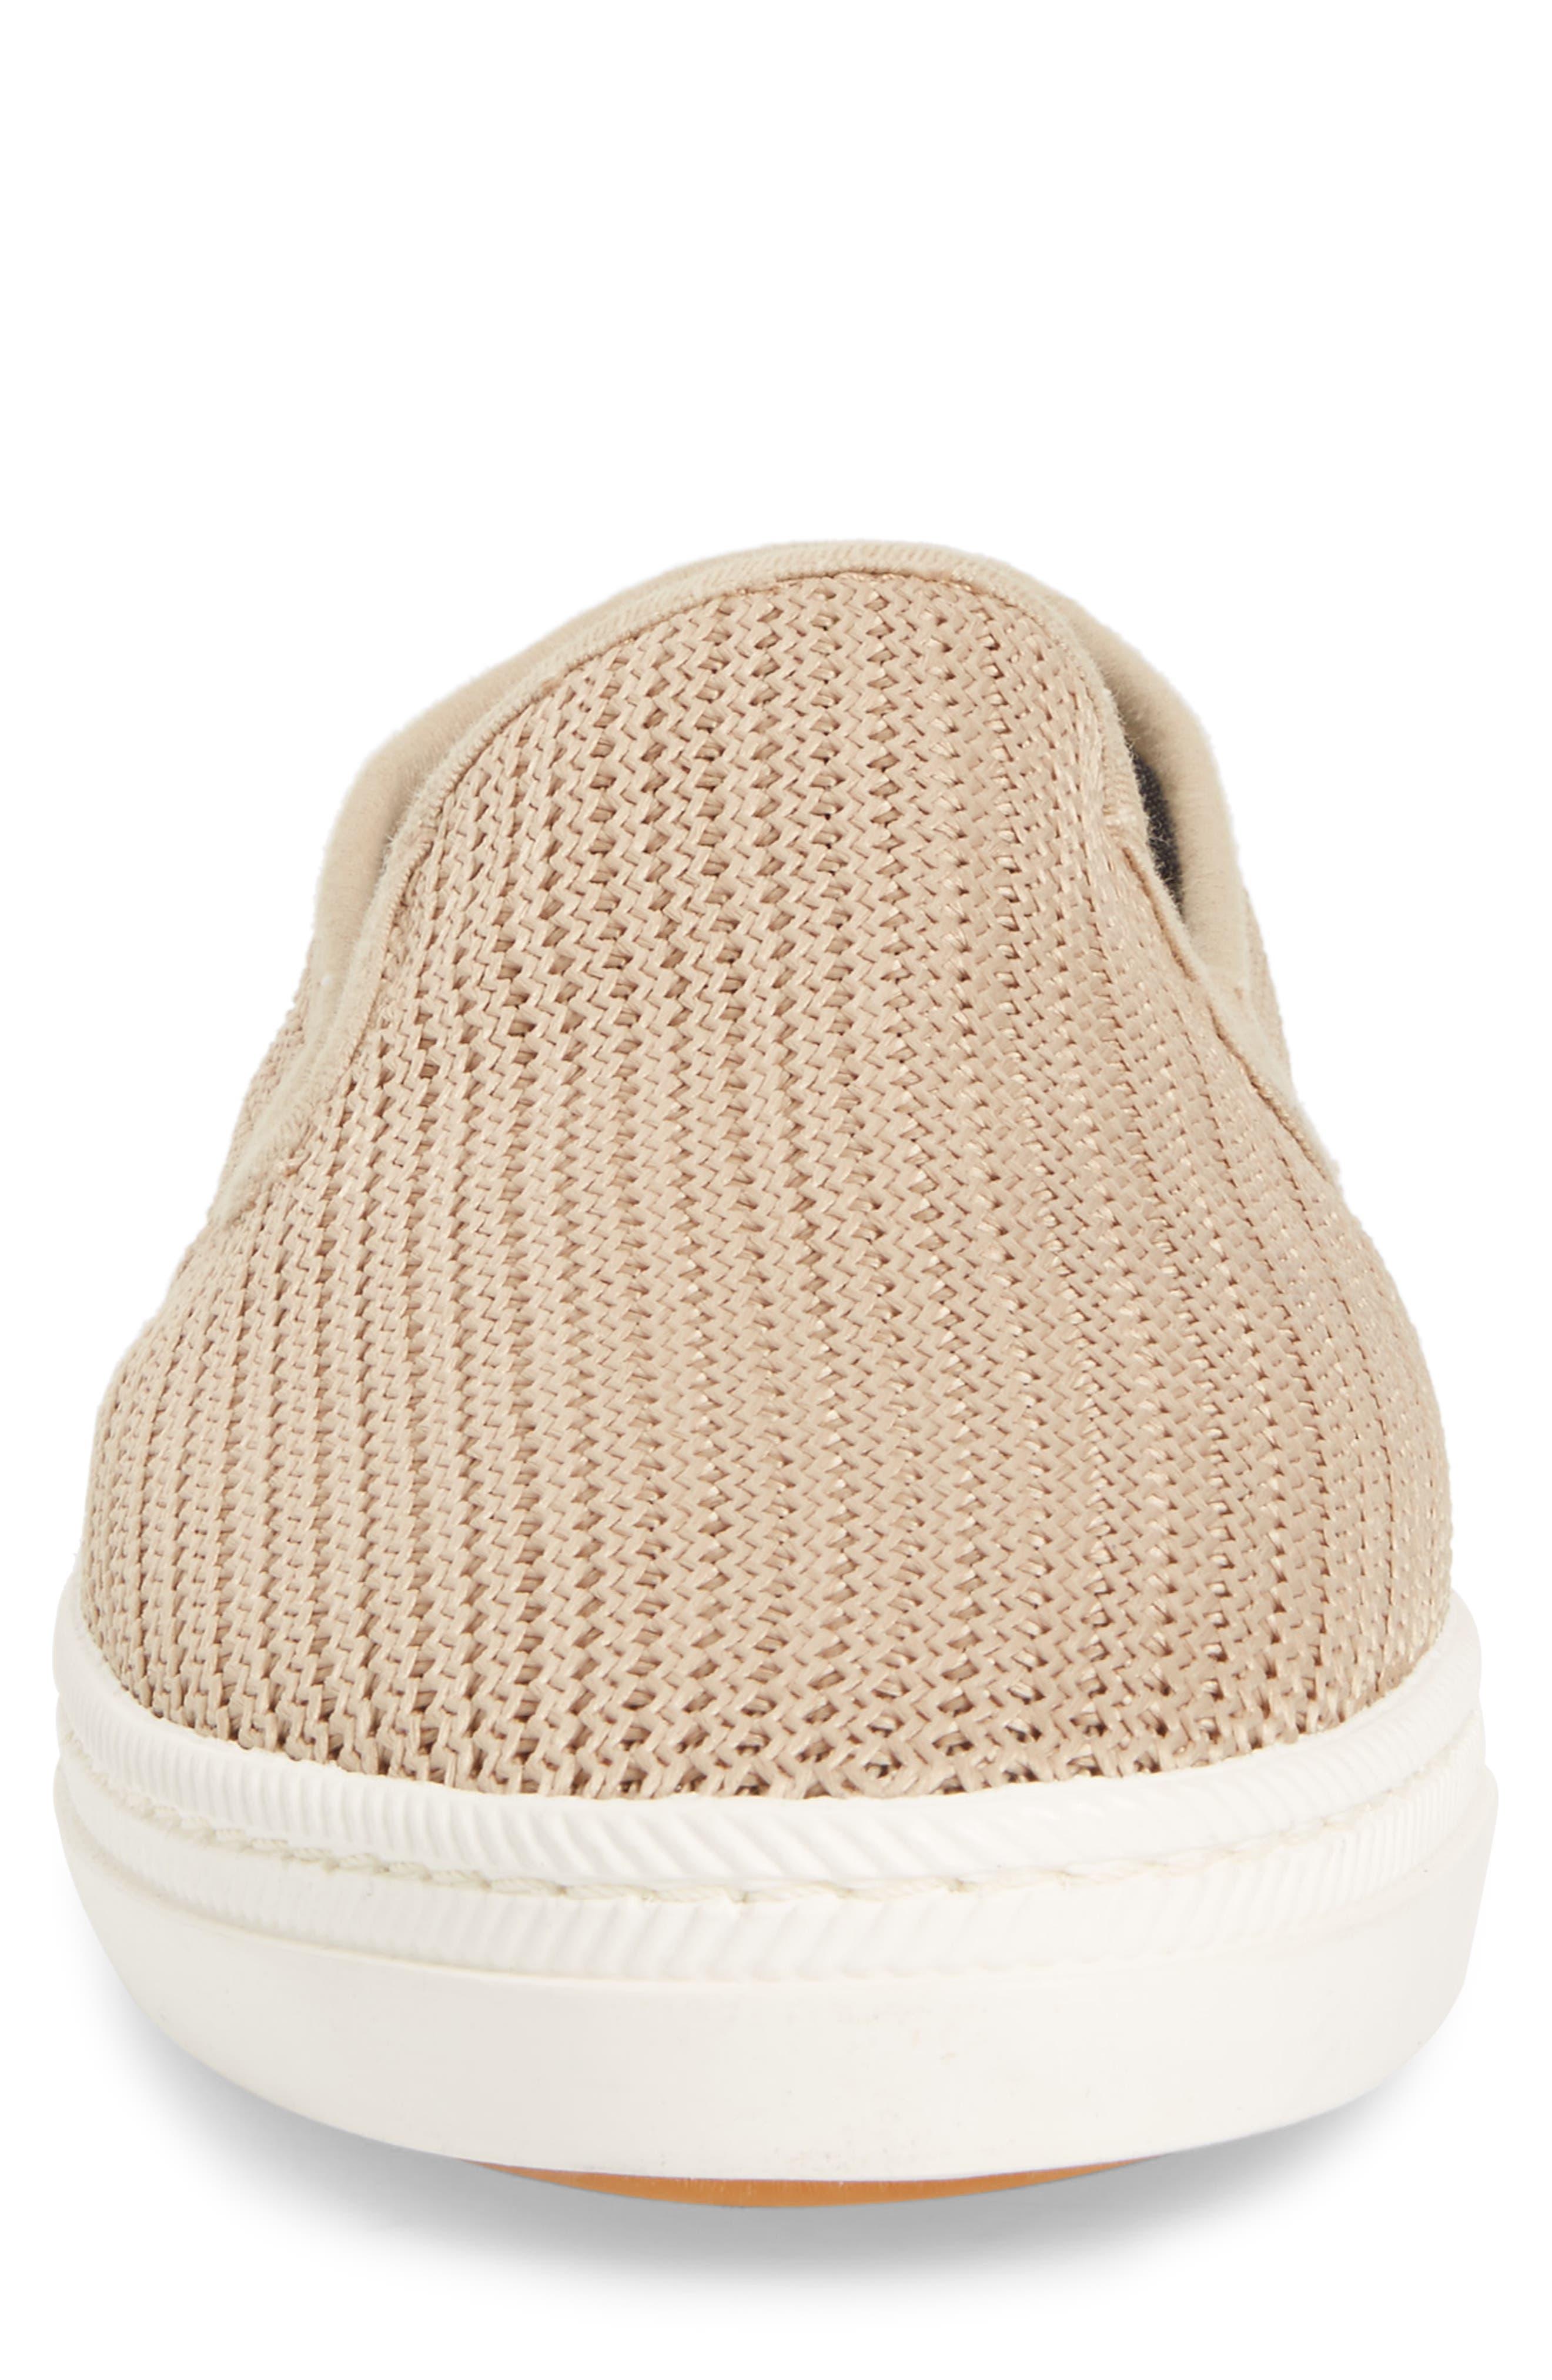 Viktor Woven Slip-On Sneaker,                             Alternate thumbnail 4, color,                             Dry Sand